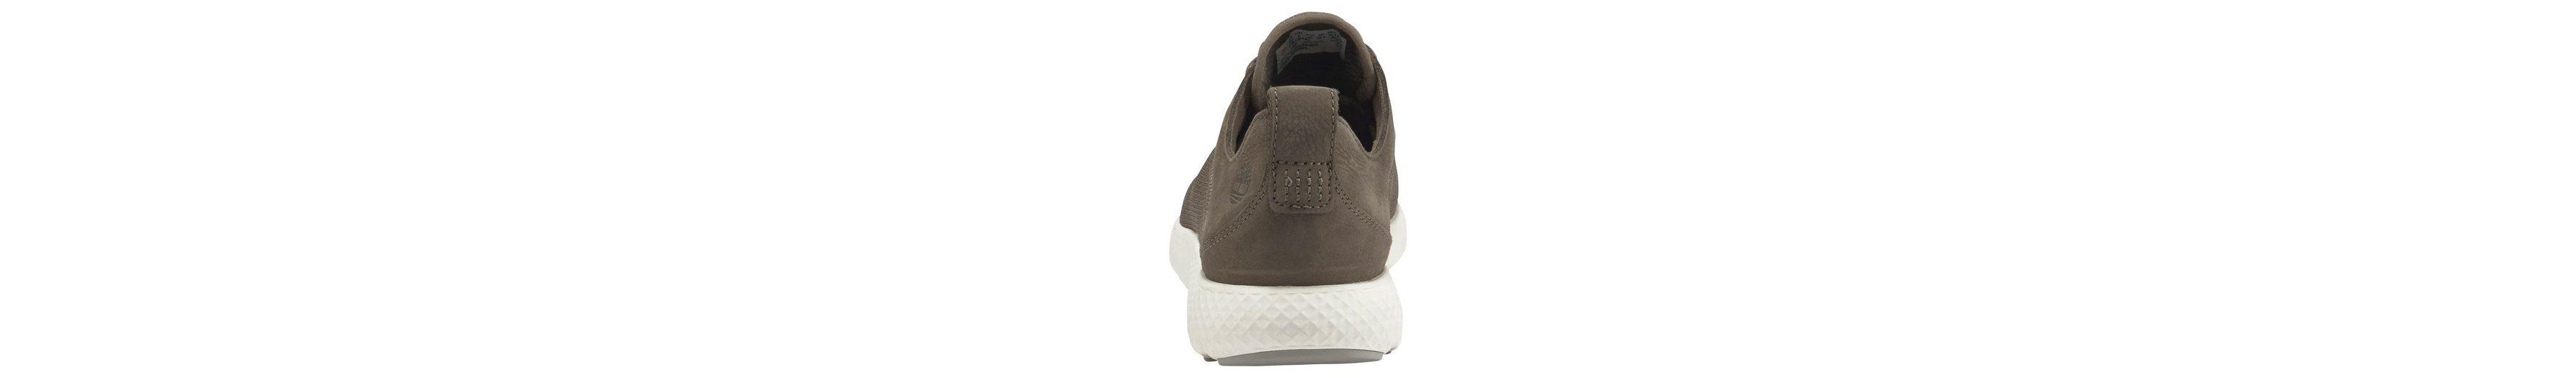 Shop Für Günstige Online Bester Verkauf Verkauf Online Timberland FlyRoam F/L Ox Sneaker Original-Verkauf Online Verkauf 100% Garantiert ycNU5bqAb8